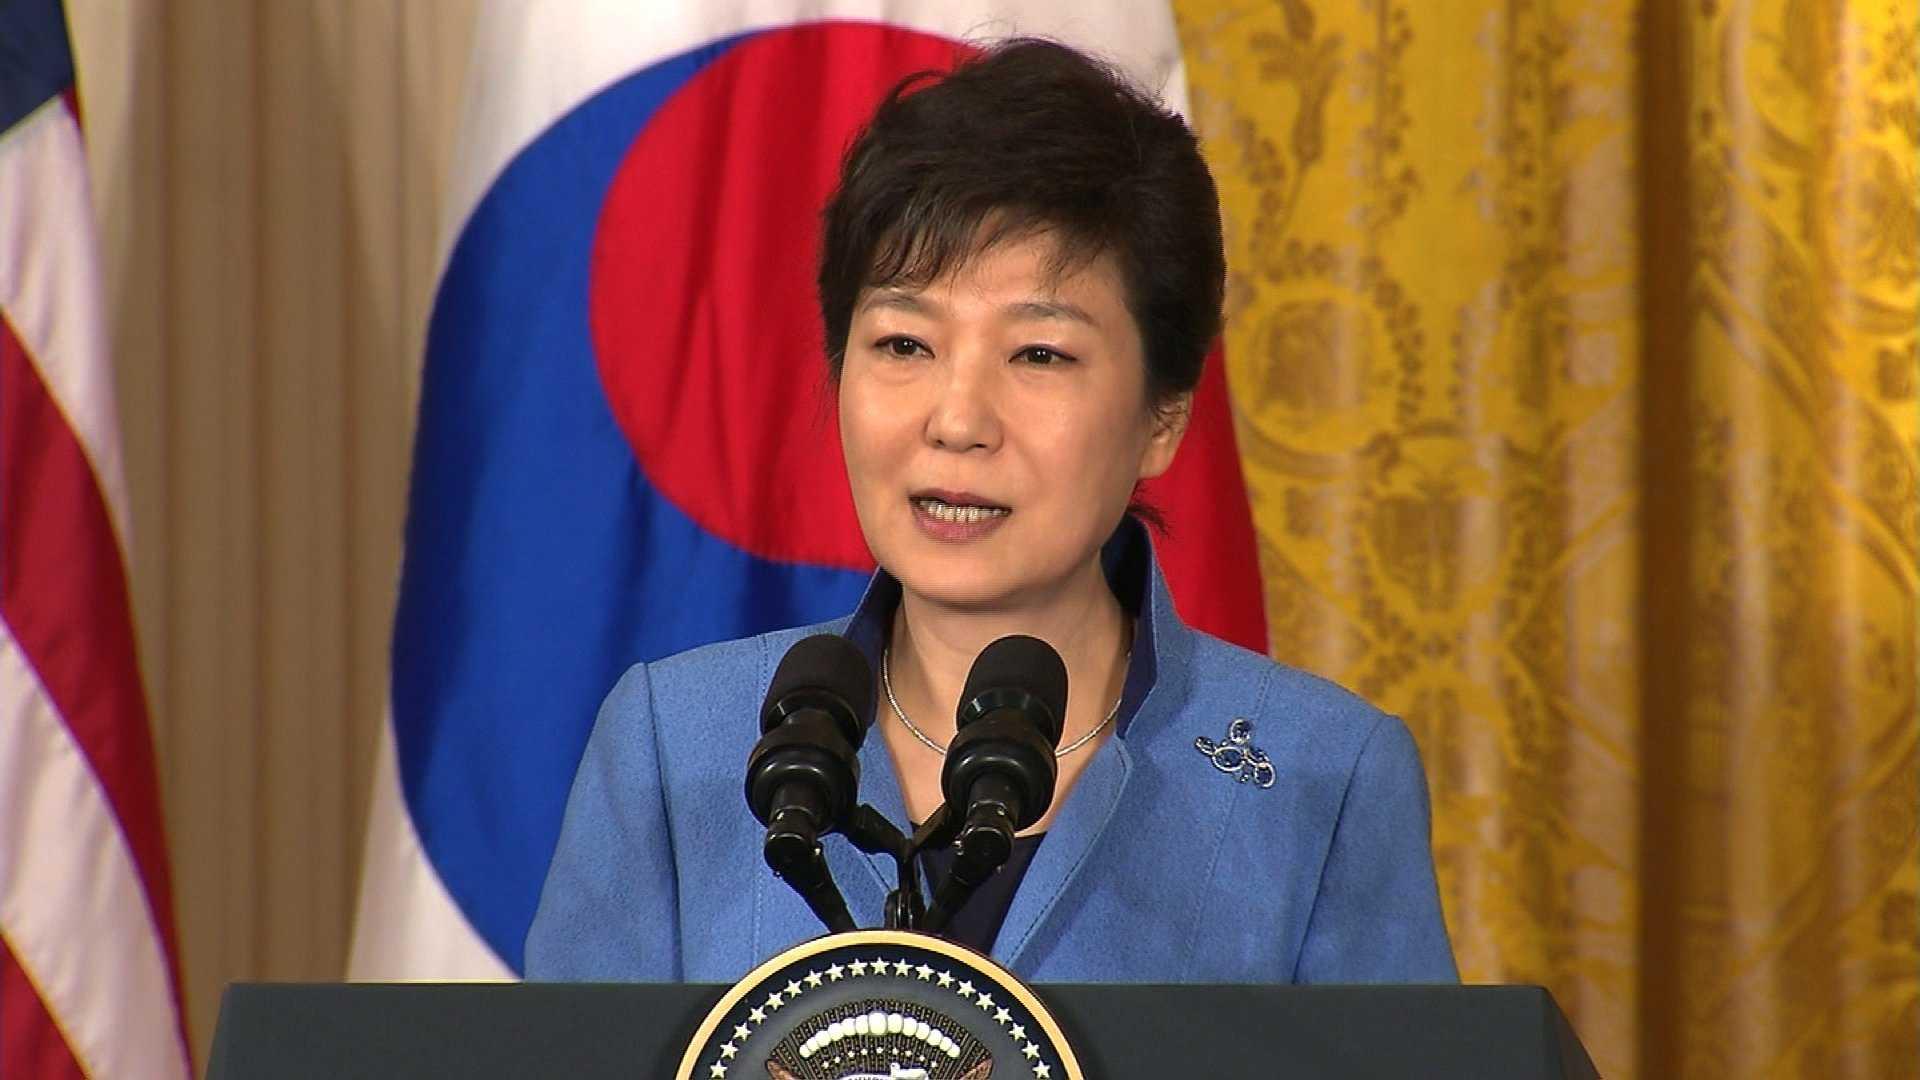 Obama: 'North Korea has failed again'